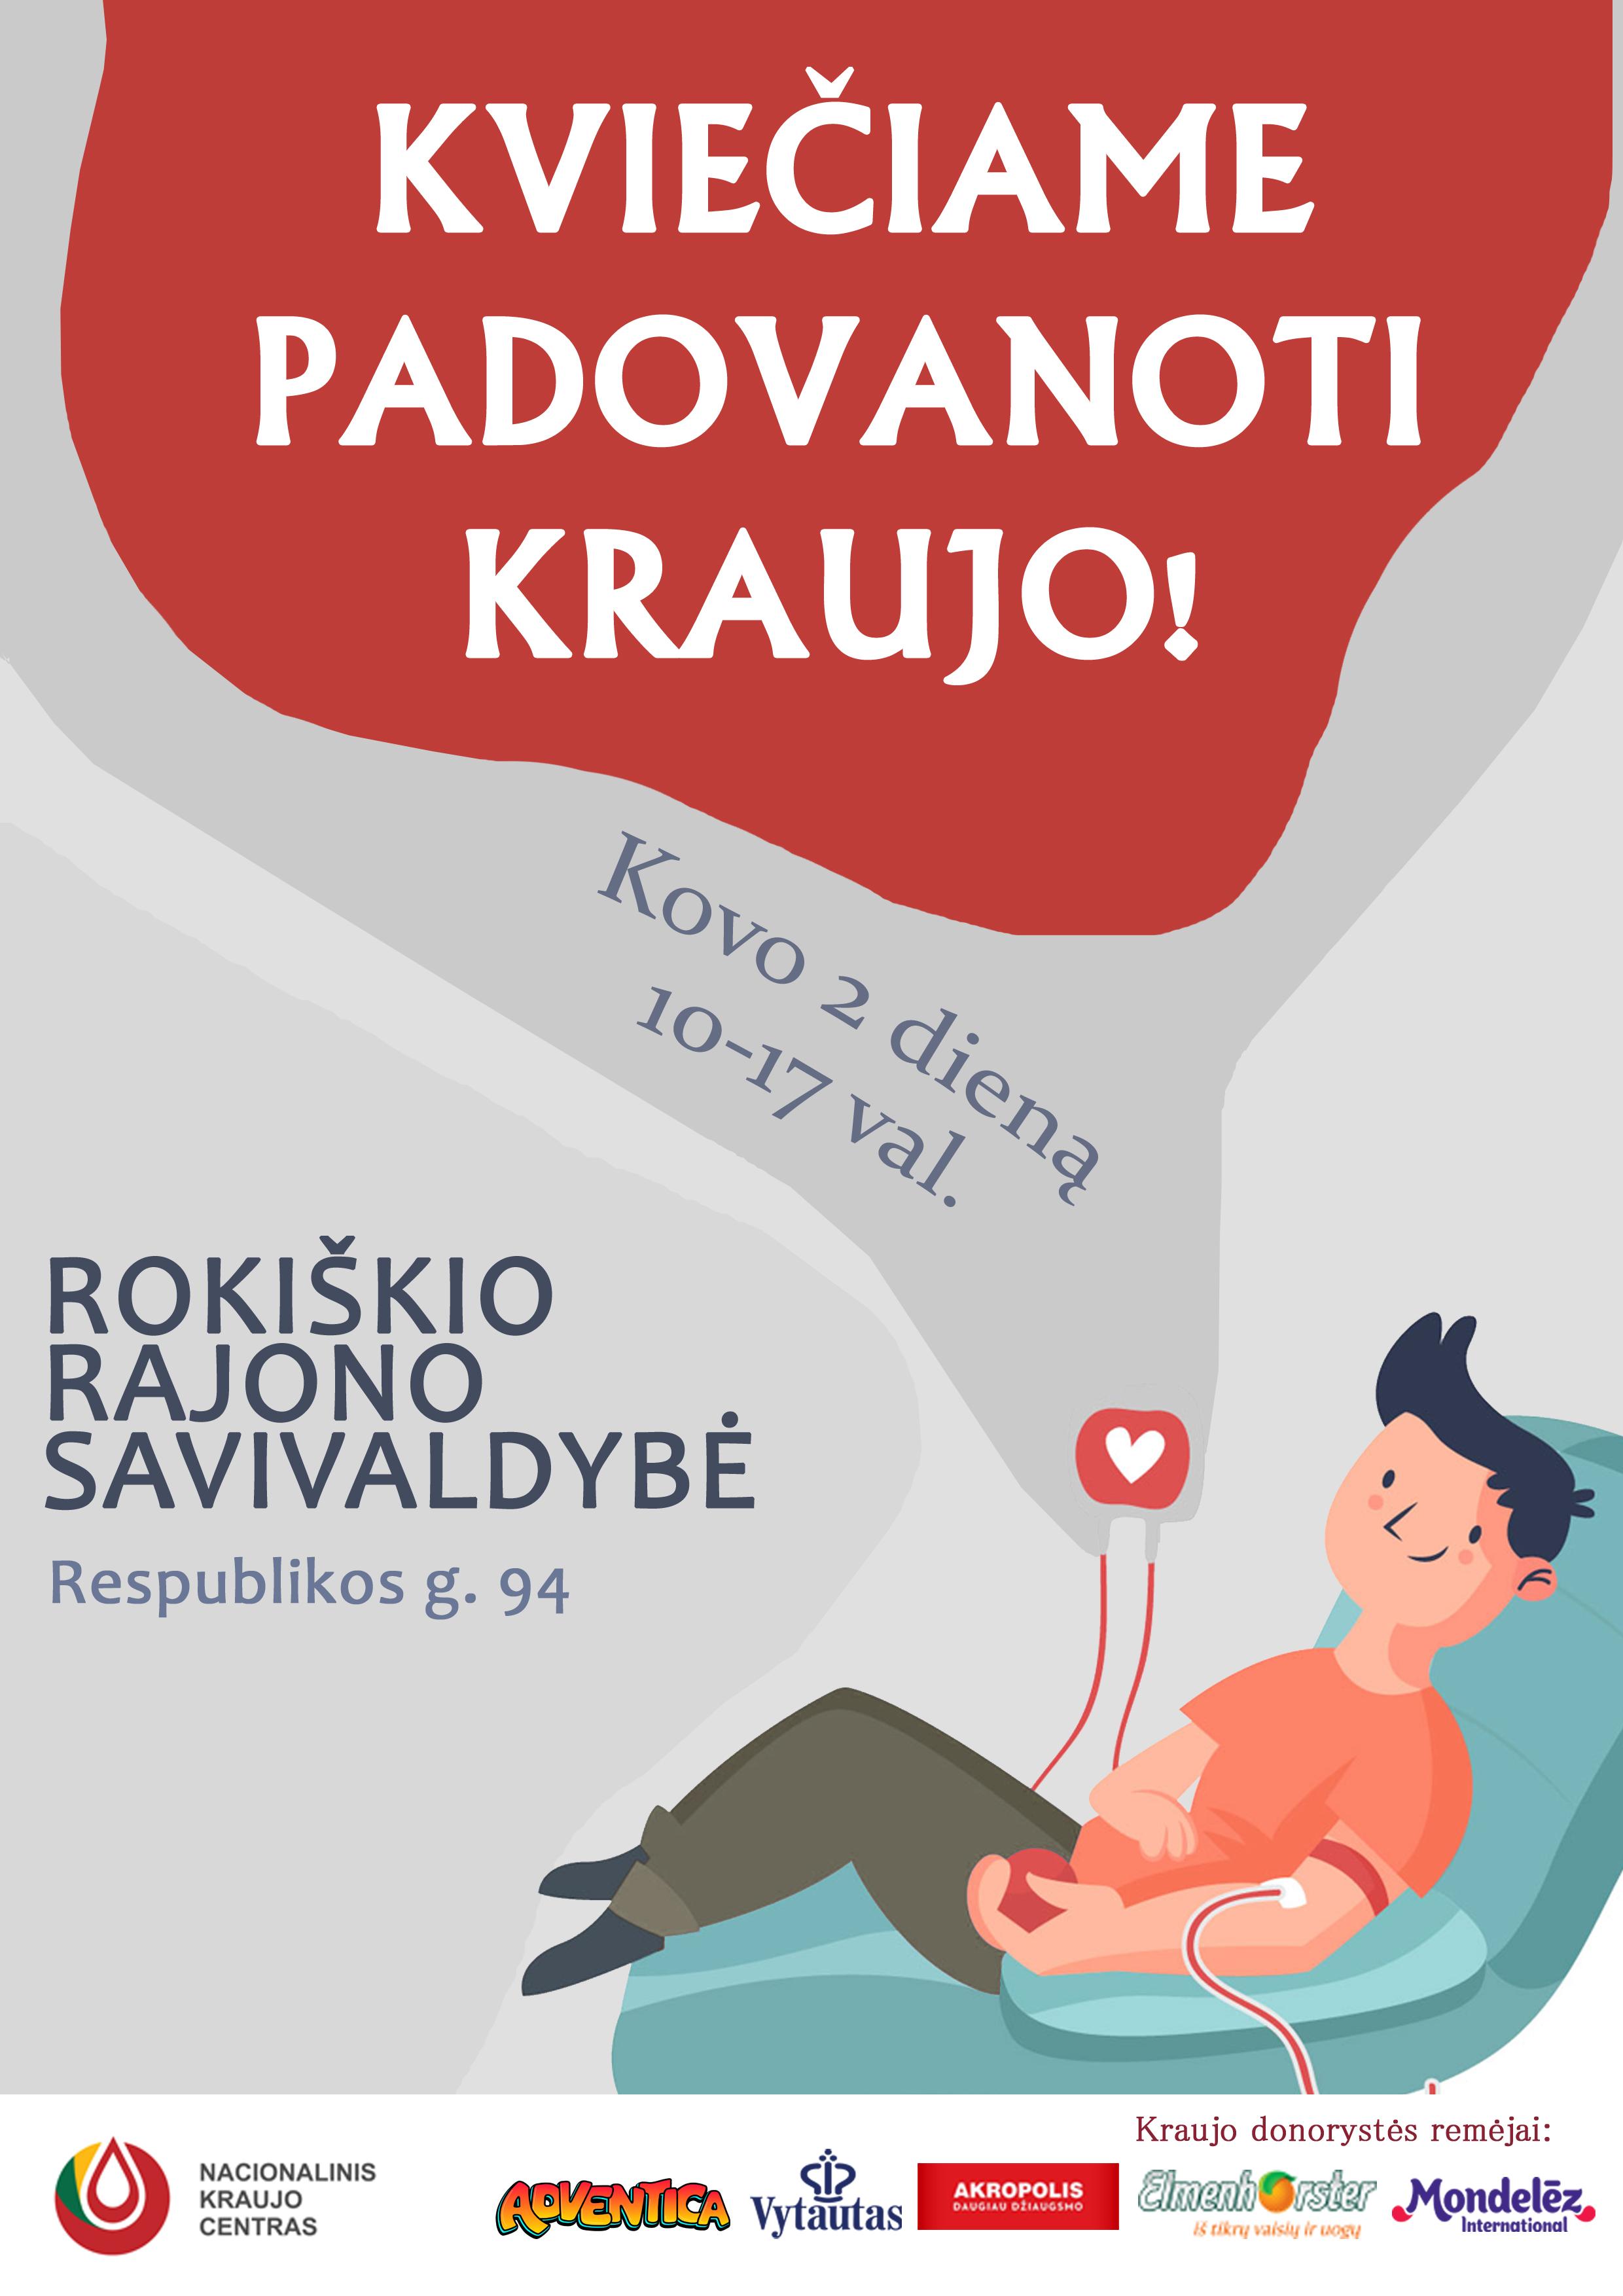 Kraujo donorystės akcija Rokiškio rajono savivaldybėje Kovo 2 d., antradienį, nuo 10 iki 17 val.